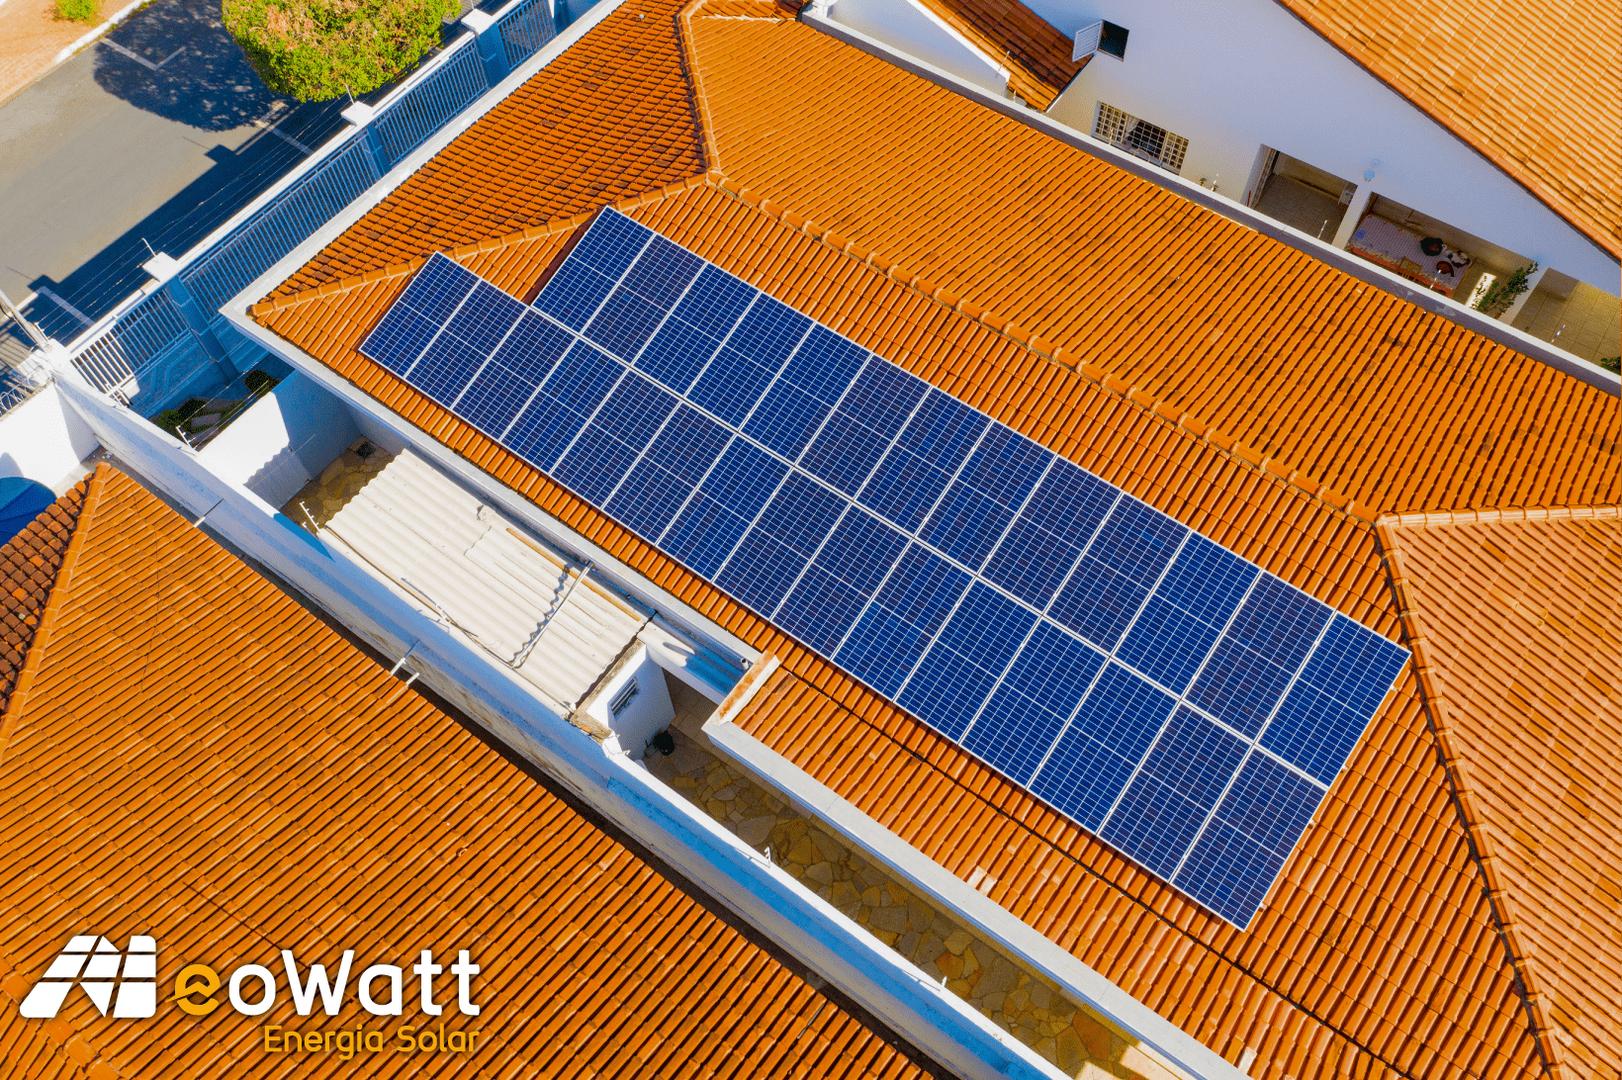 Sistema fotovoltaico de 10,22 kWp